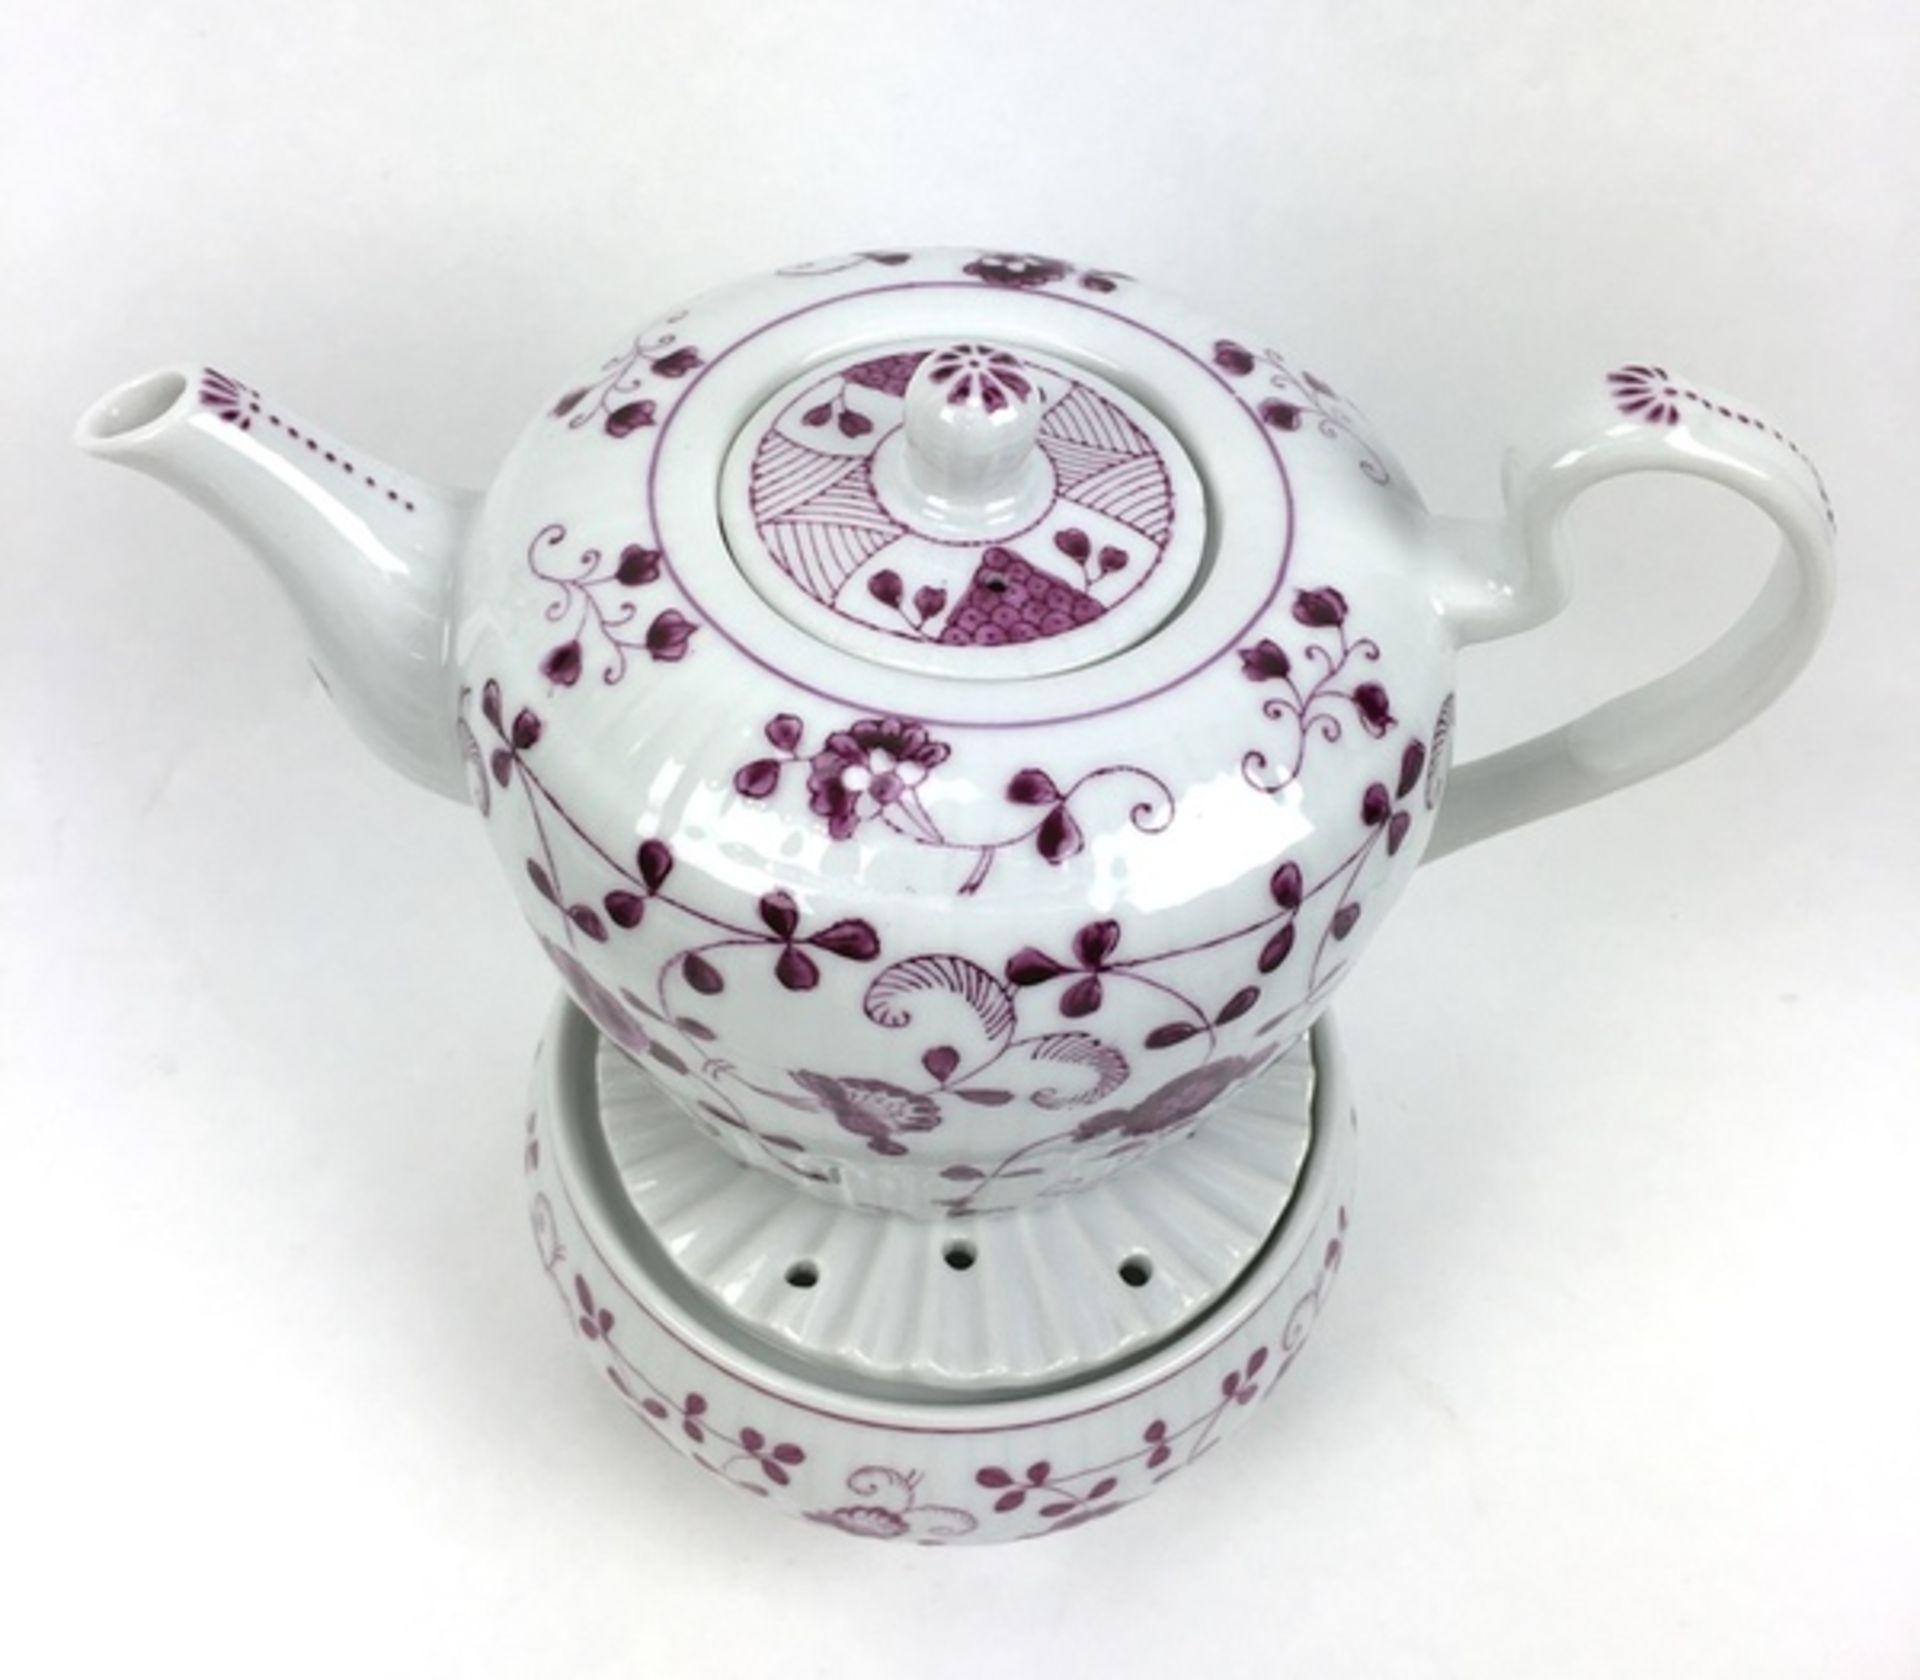 (Curiosa) Koffie-en thee servies August WarneckeKoffie-en theeservies waaronder serveerborden, - Image 4 of 8